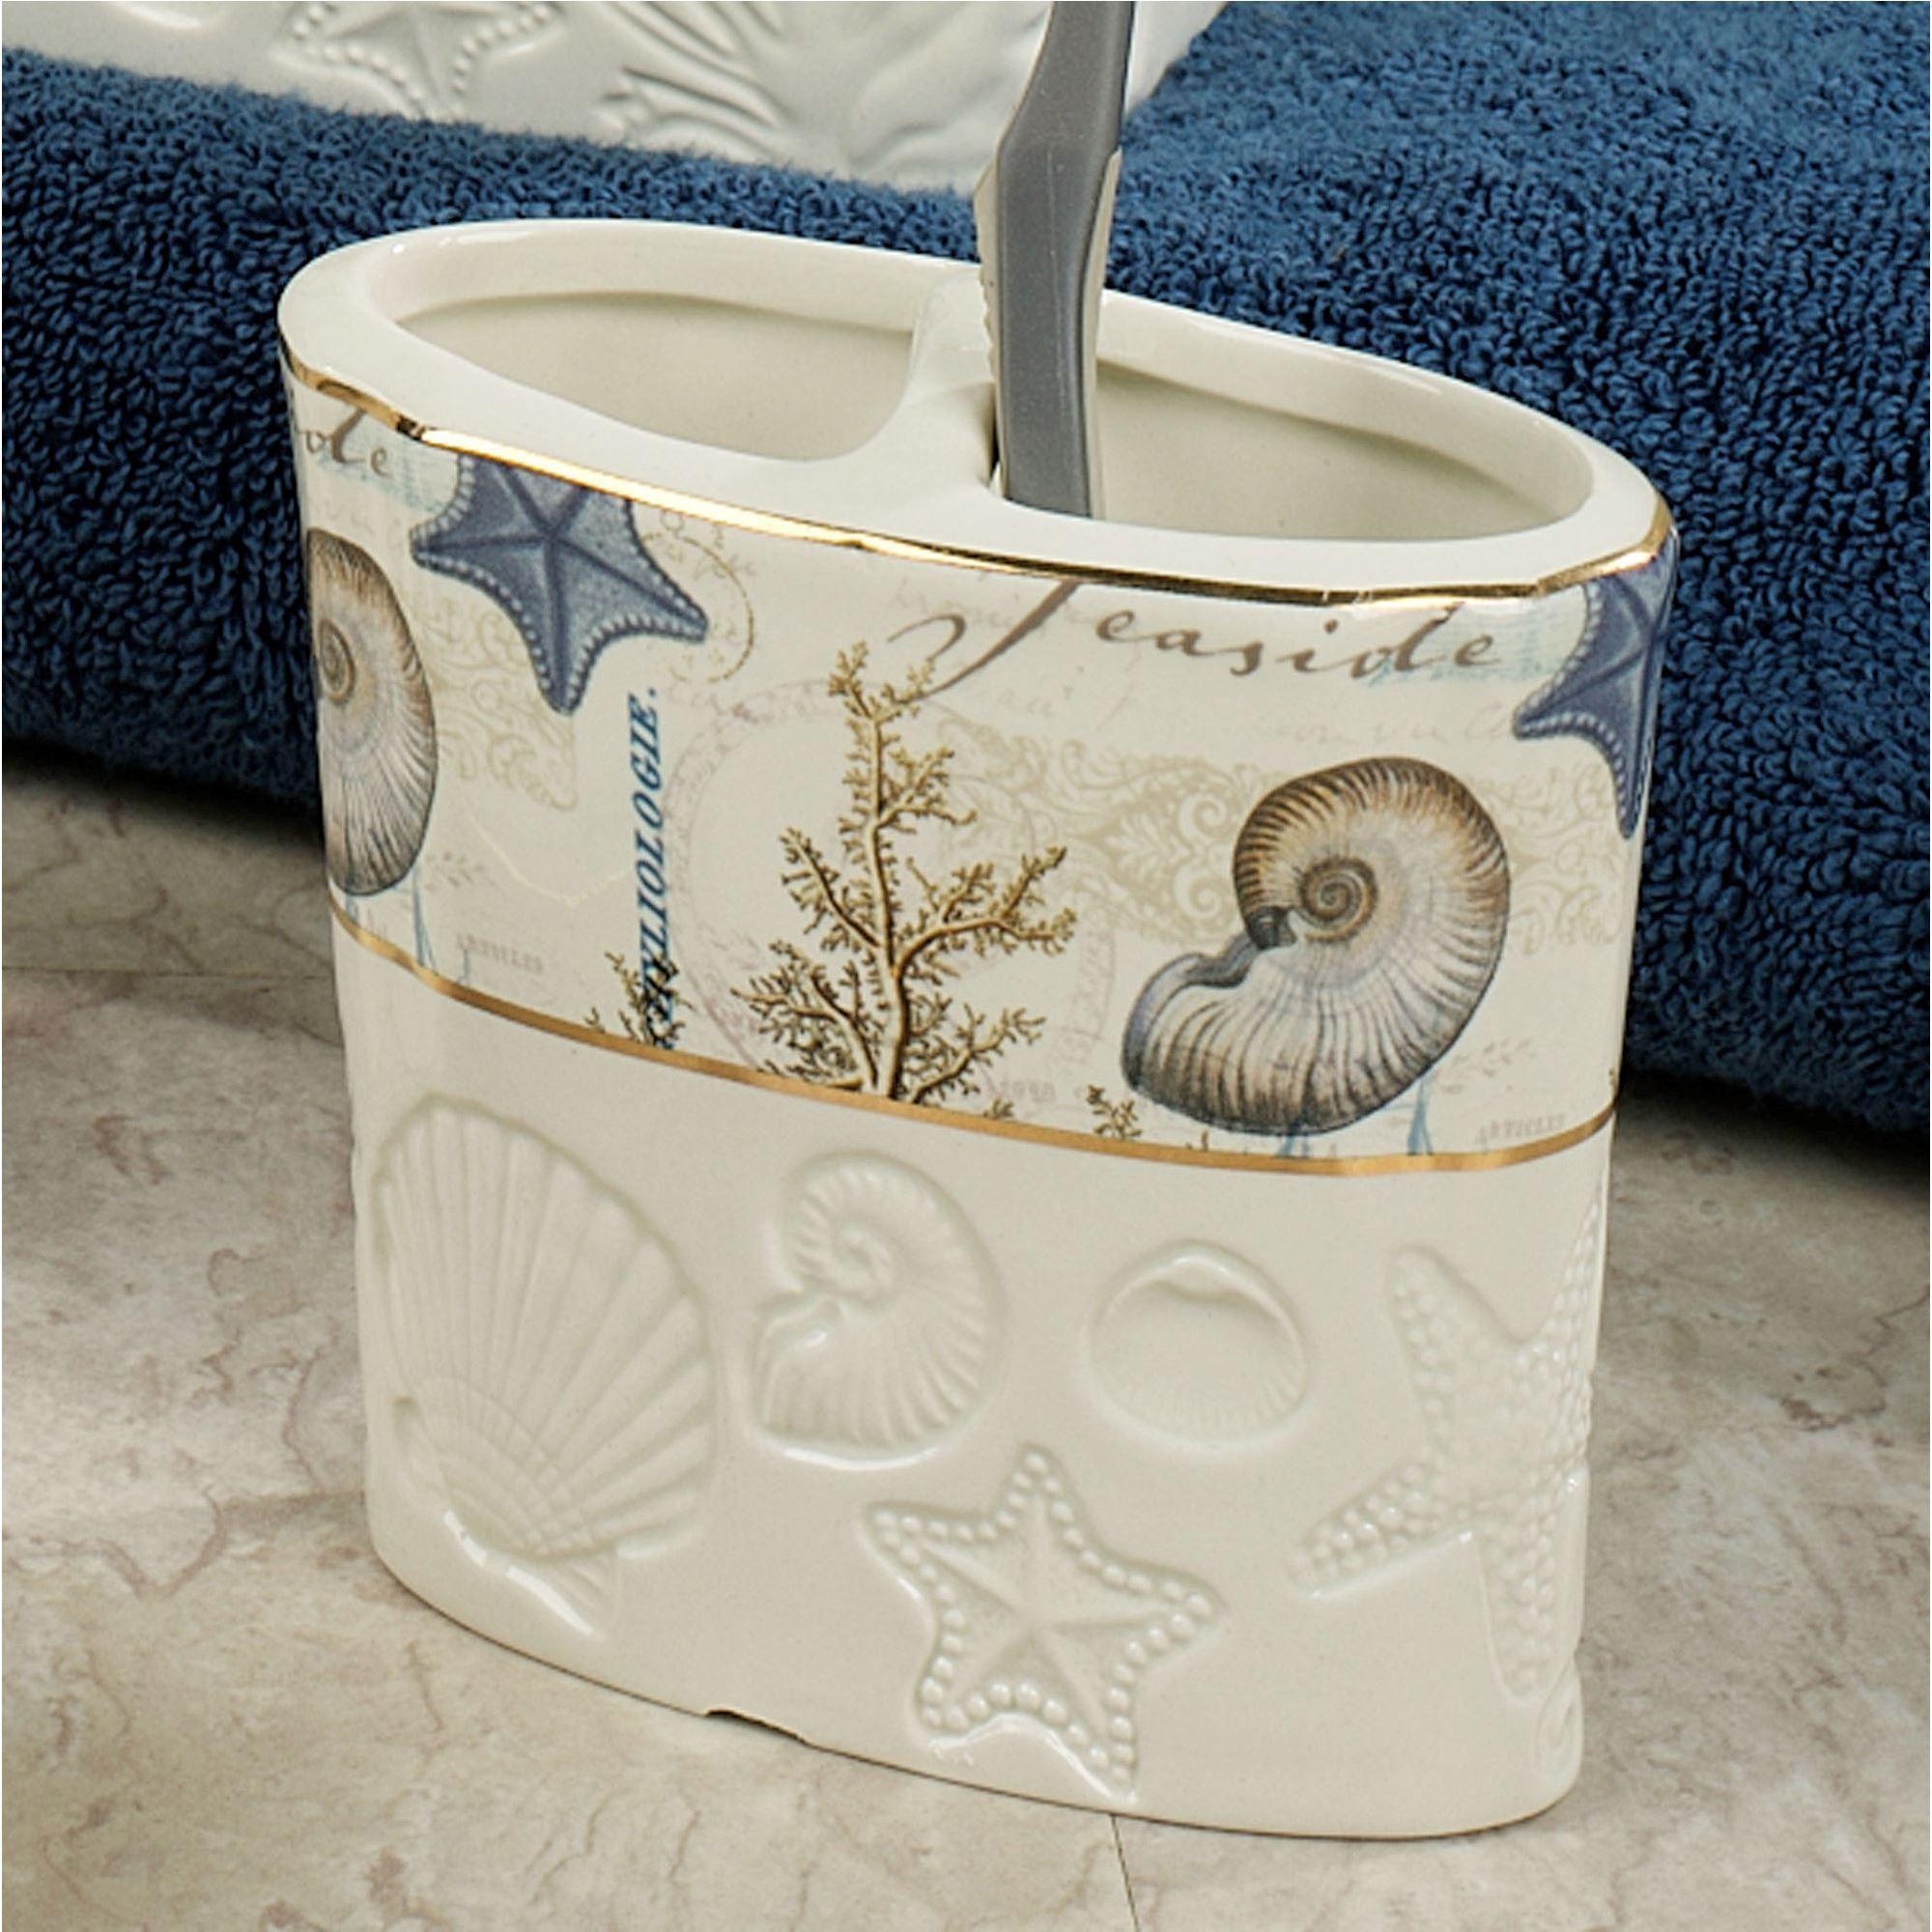 Antigua Ceramic Coastal Bath Accessories